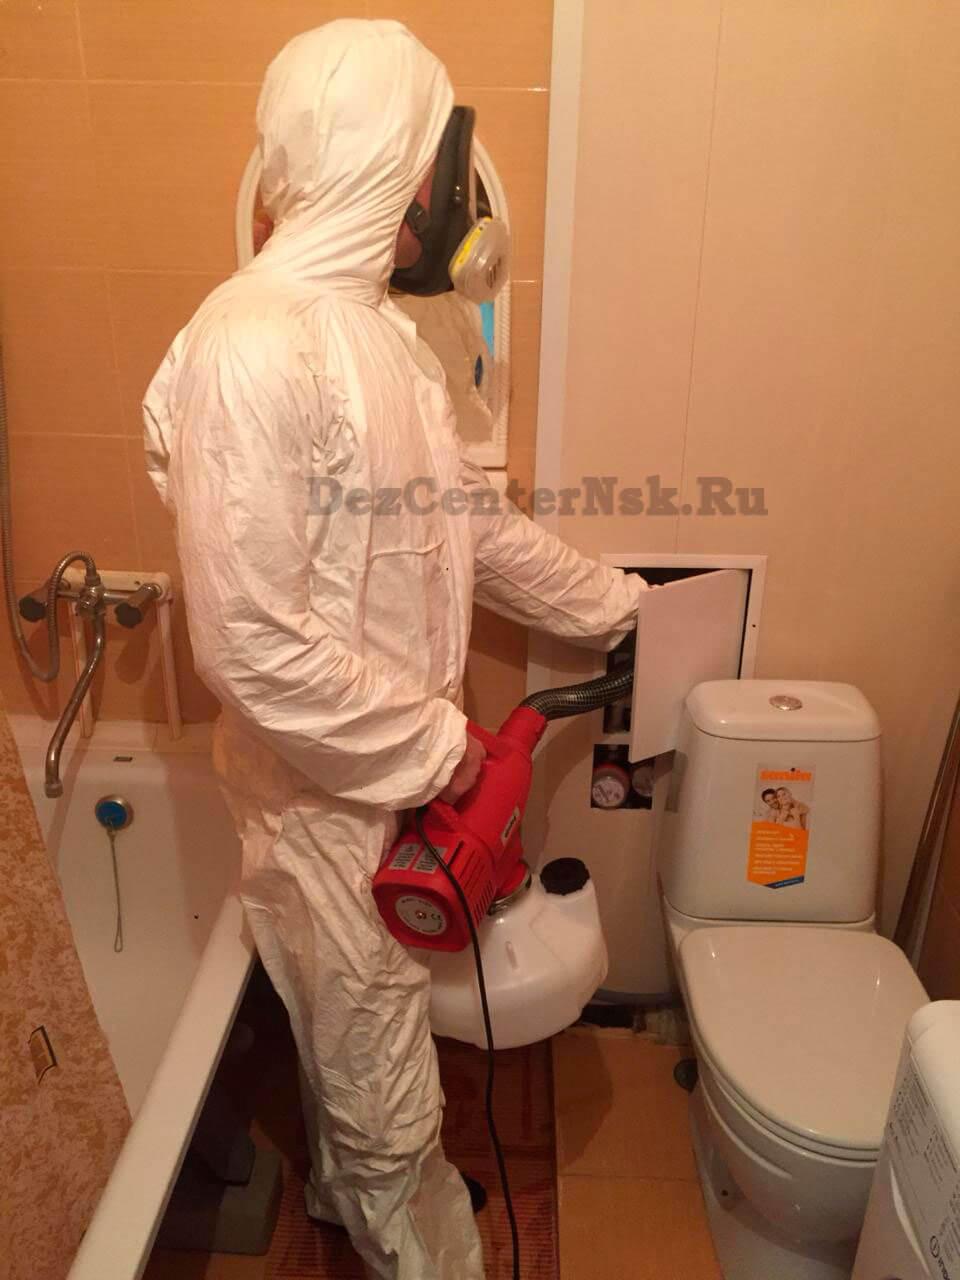 обработка службой СЭС Новосибирск